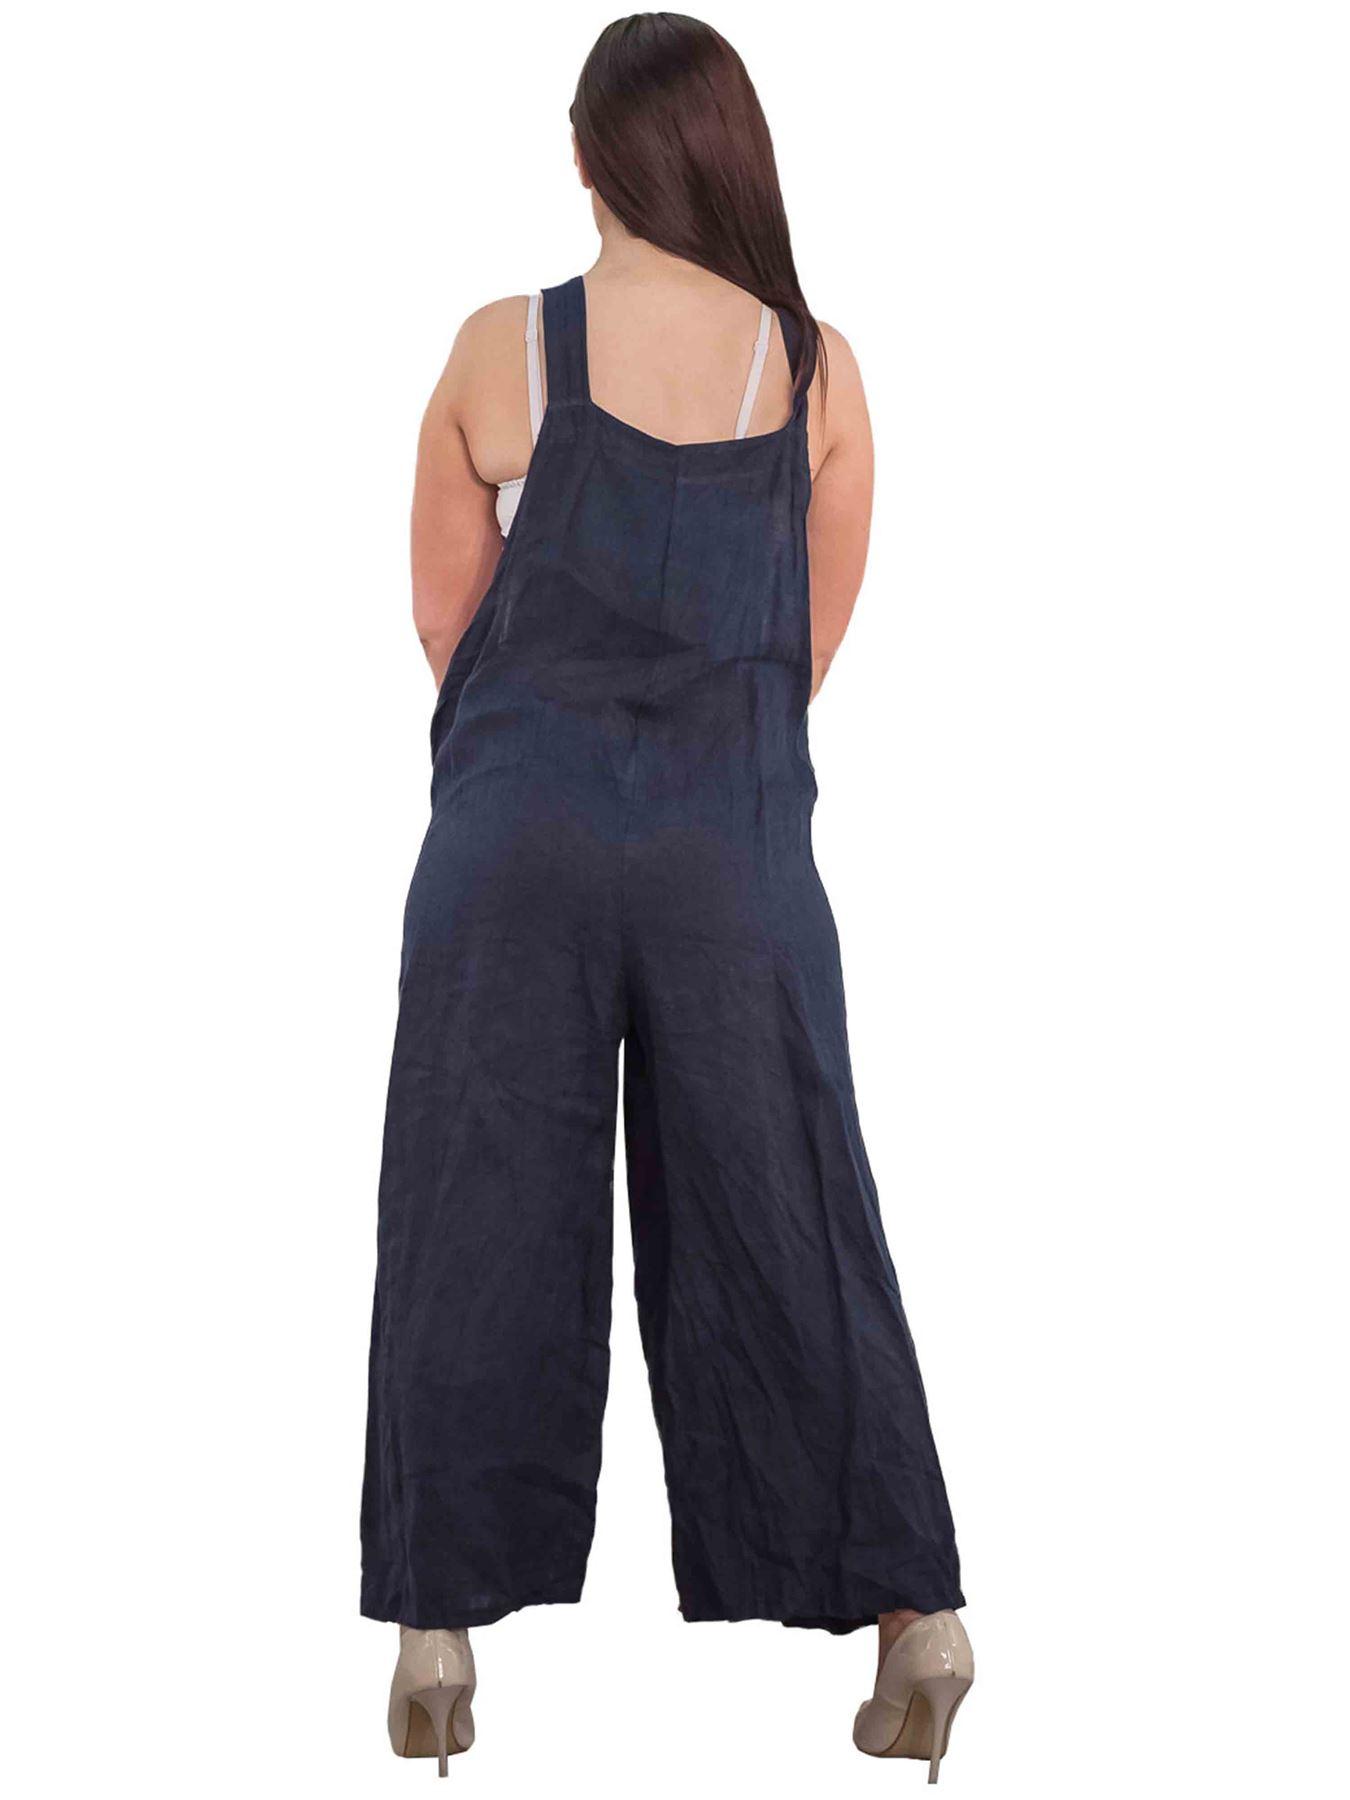 Tuta da Donna Dettaglio Bottone semplice Donna Casual Salopette Pantaloni Pantalone globale